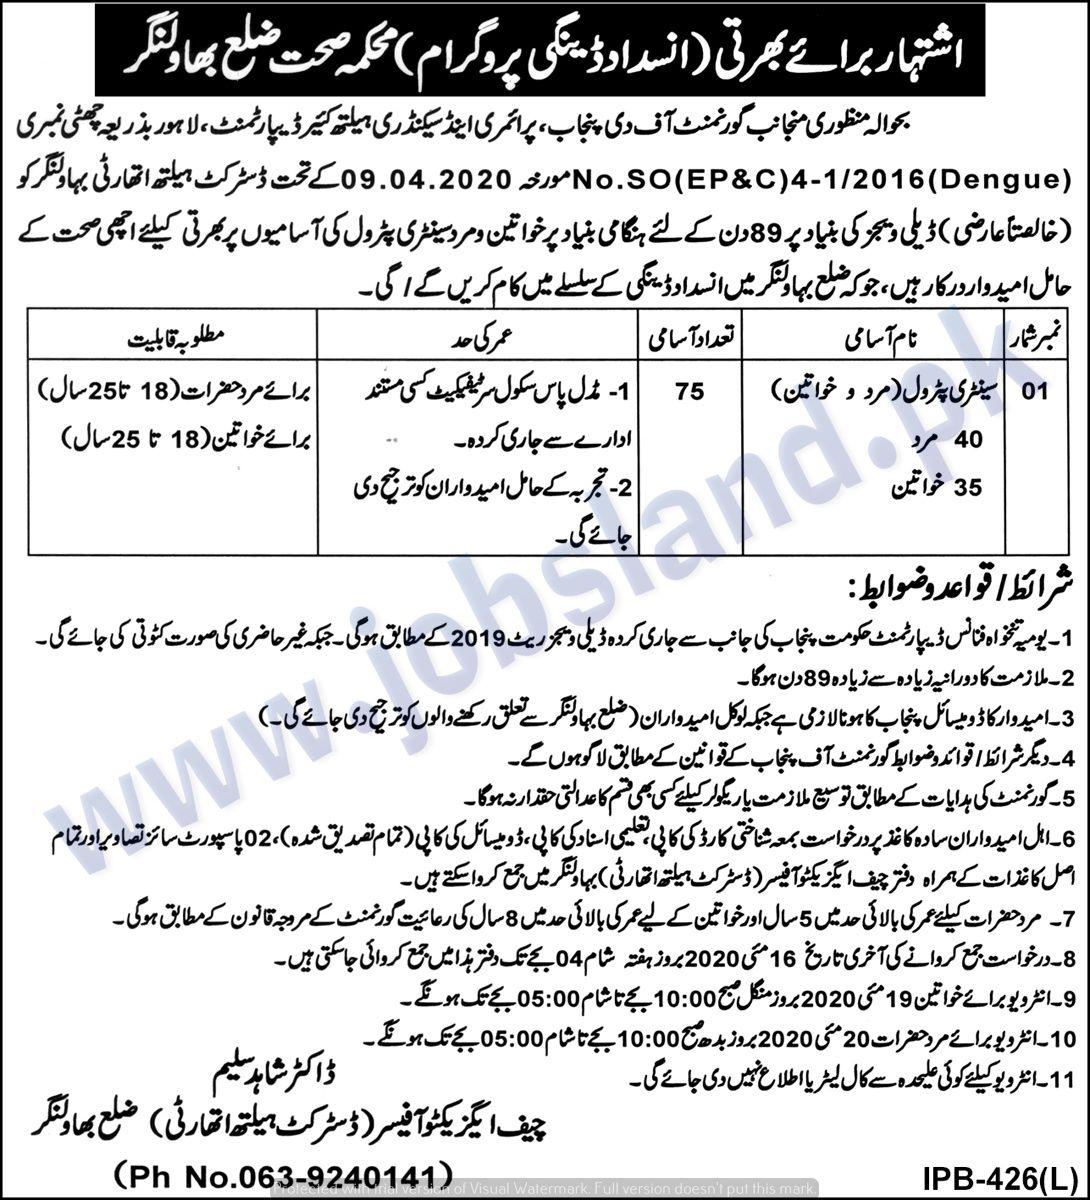 Pin on Jobs in Punjab May 2020